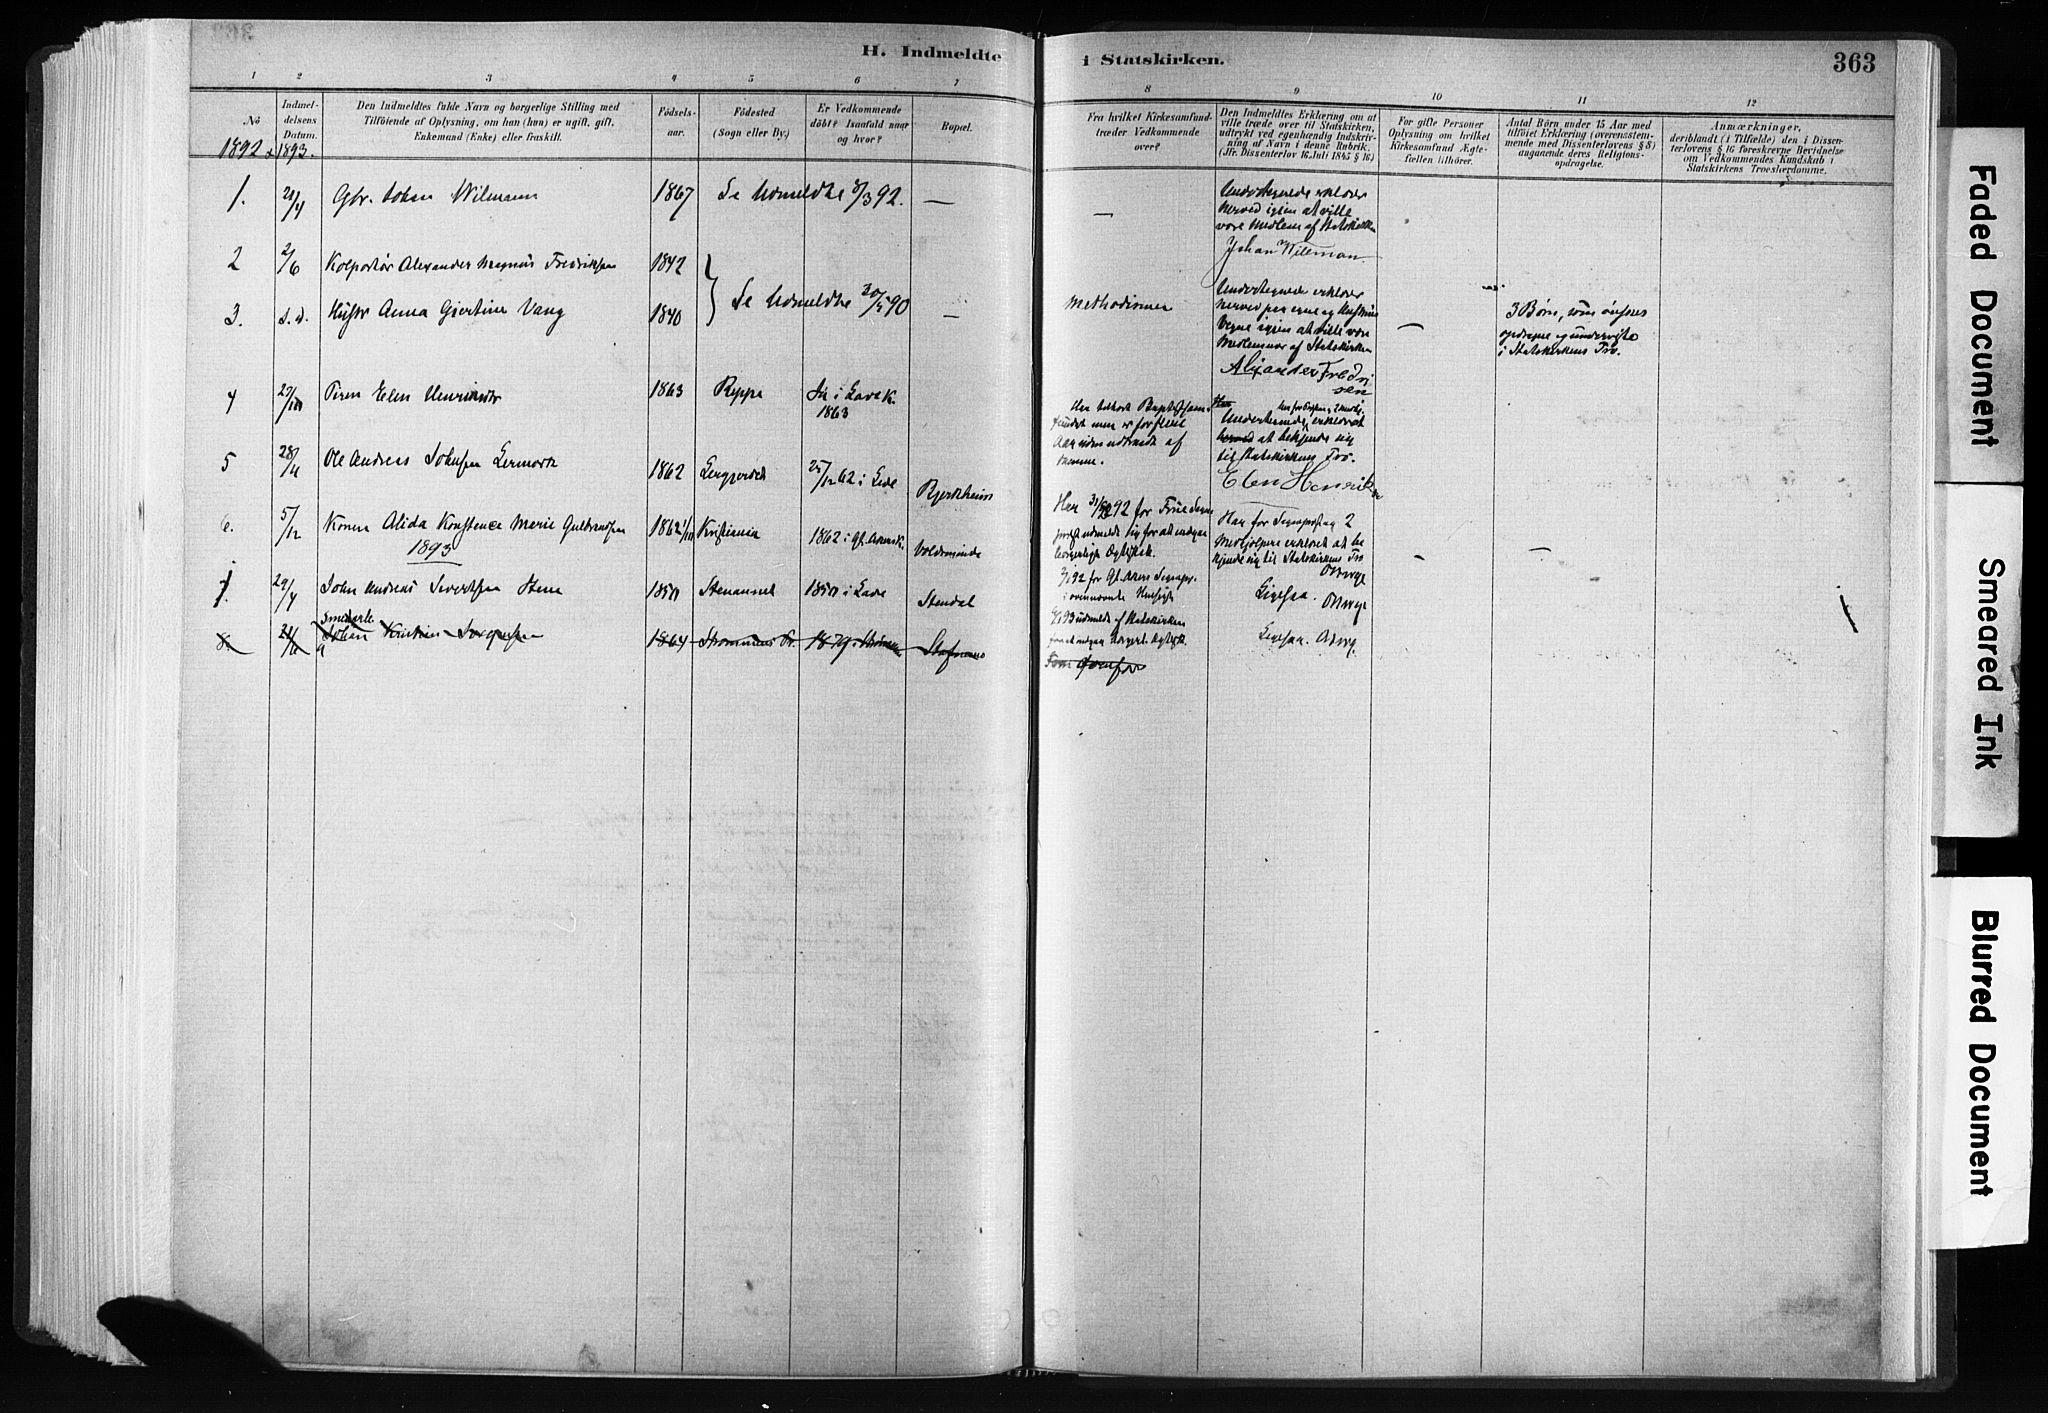 SAT, Ministerialprotokoller, klokkerbøker og fødselsregistre - Sør-Trøndelag, 606/L0300: Ministerialbok nr. 606A15, 1886-1893, s. 363